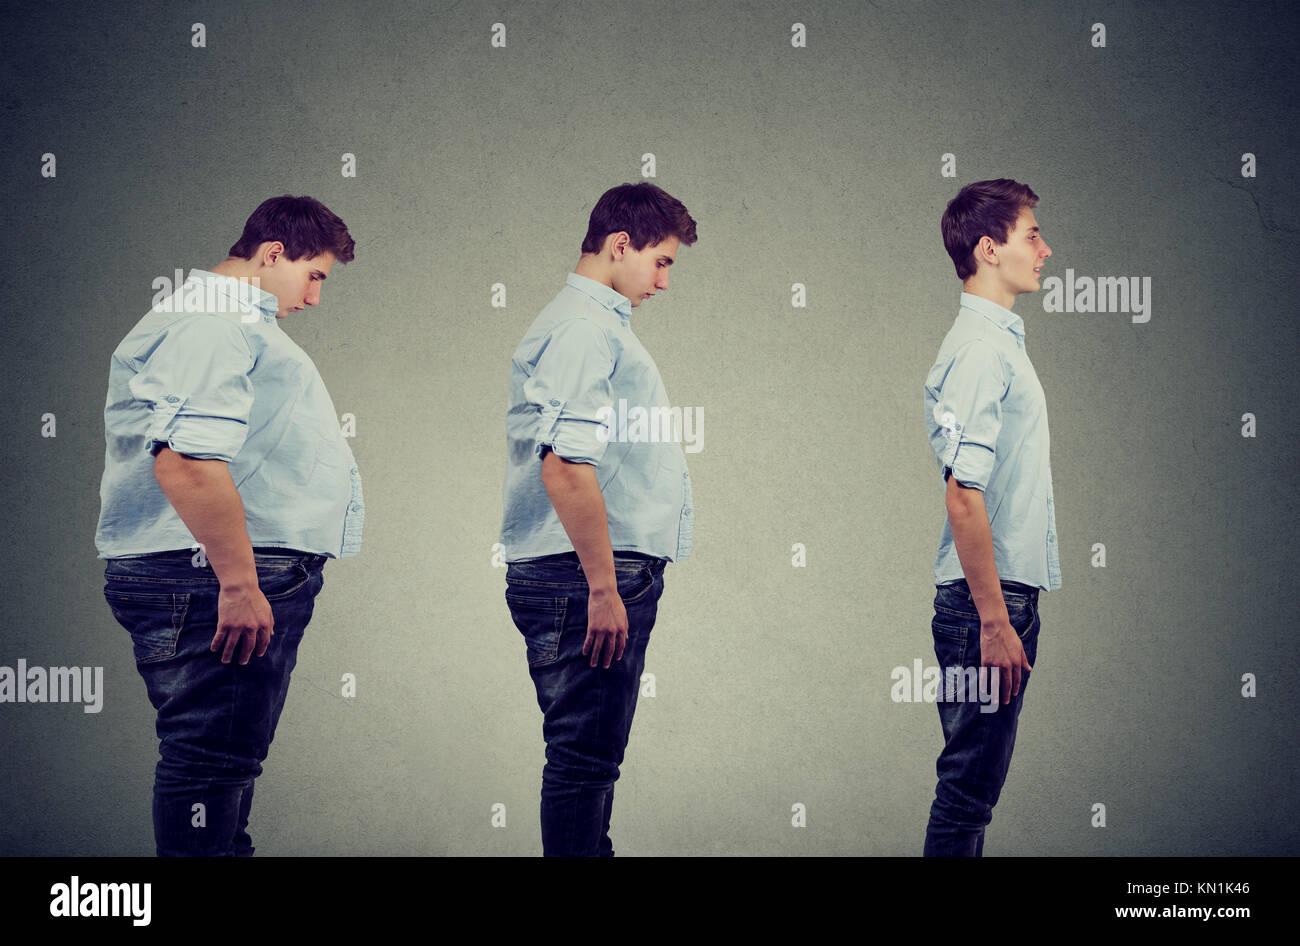 Portrait d'un jeune homme grassouillet transformation en une personne heureuse slim Photo Stock